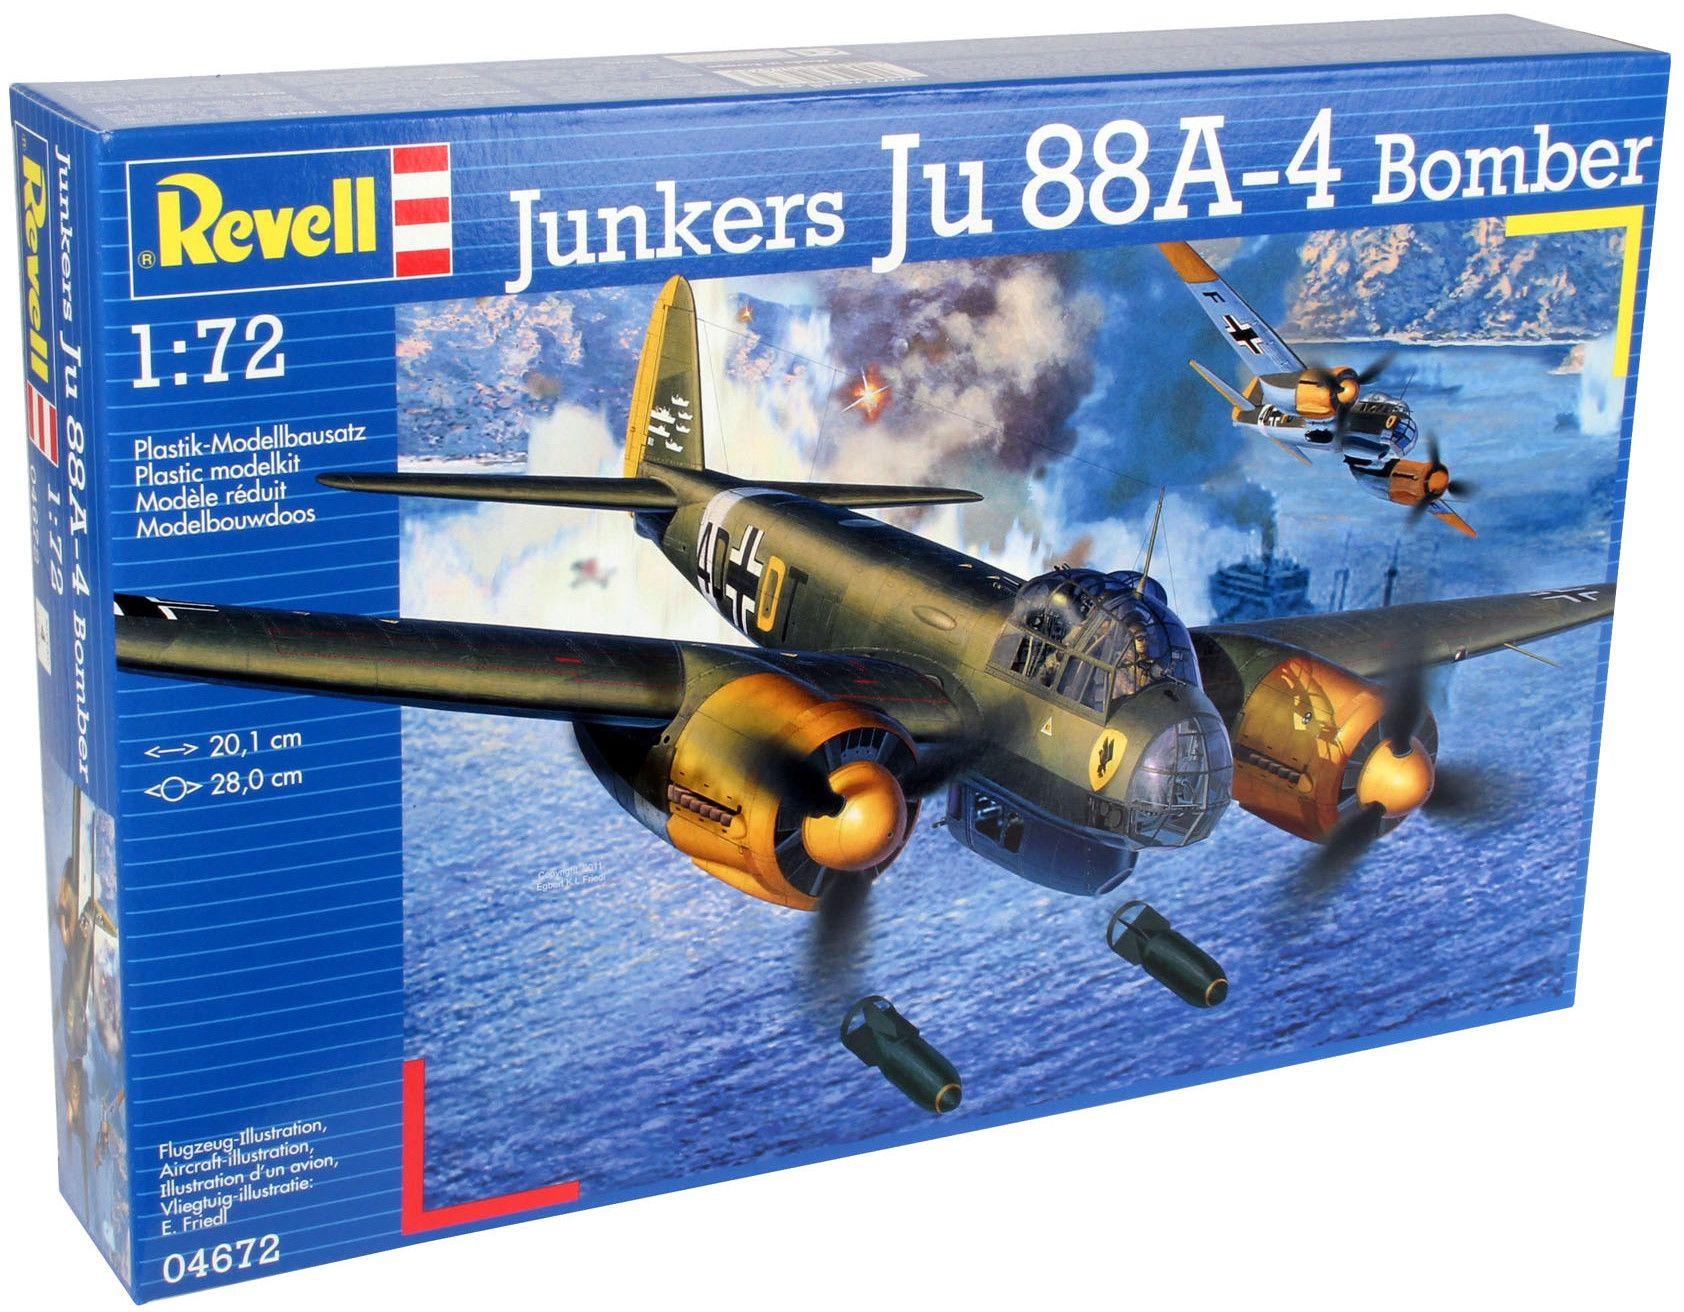 Сглобяем модел на военен самолет Revell Junkers - Ju88 A-4 Bomber (04672) - 8